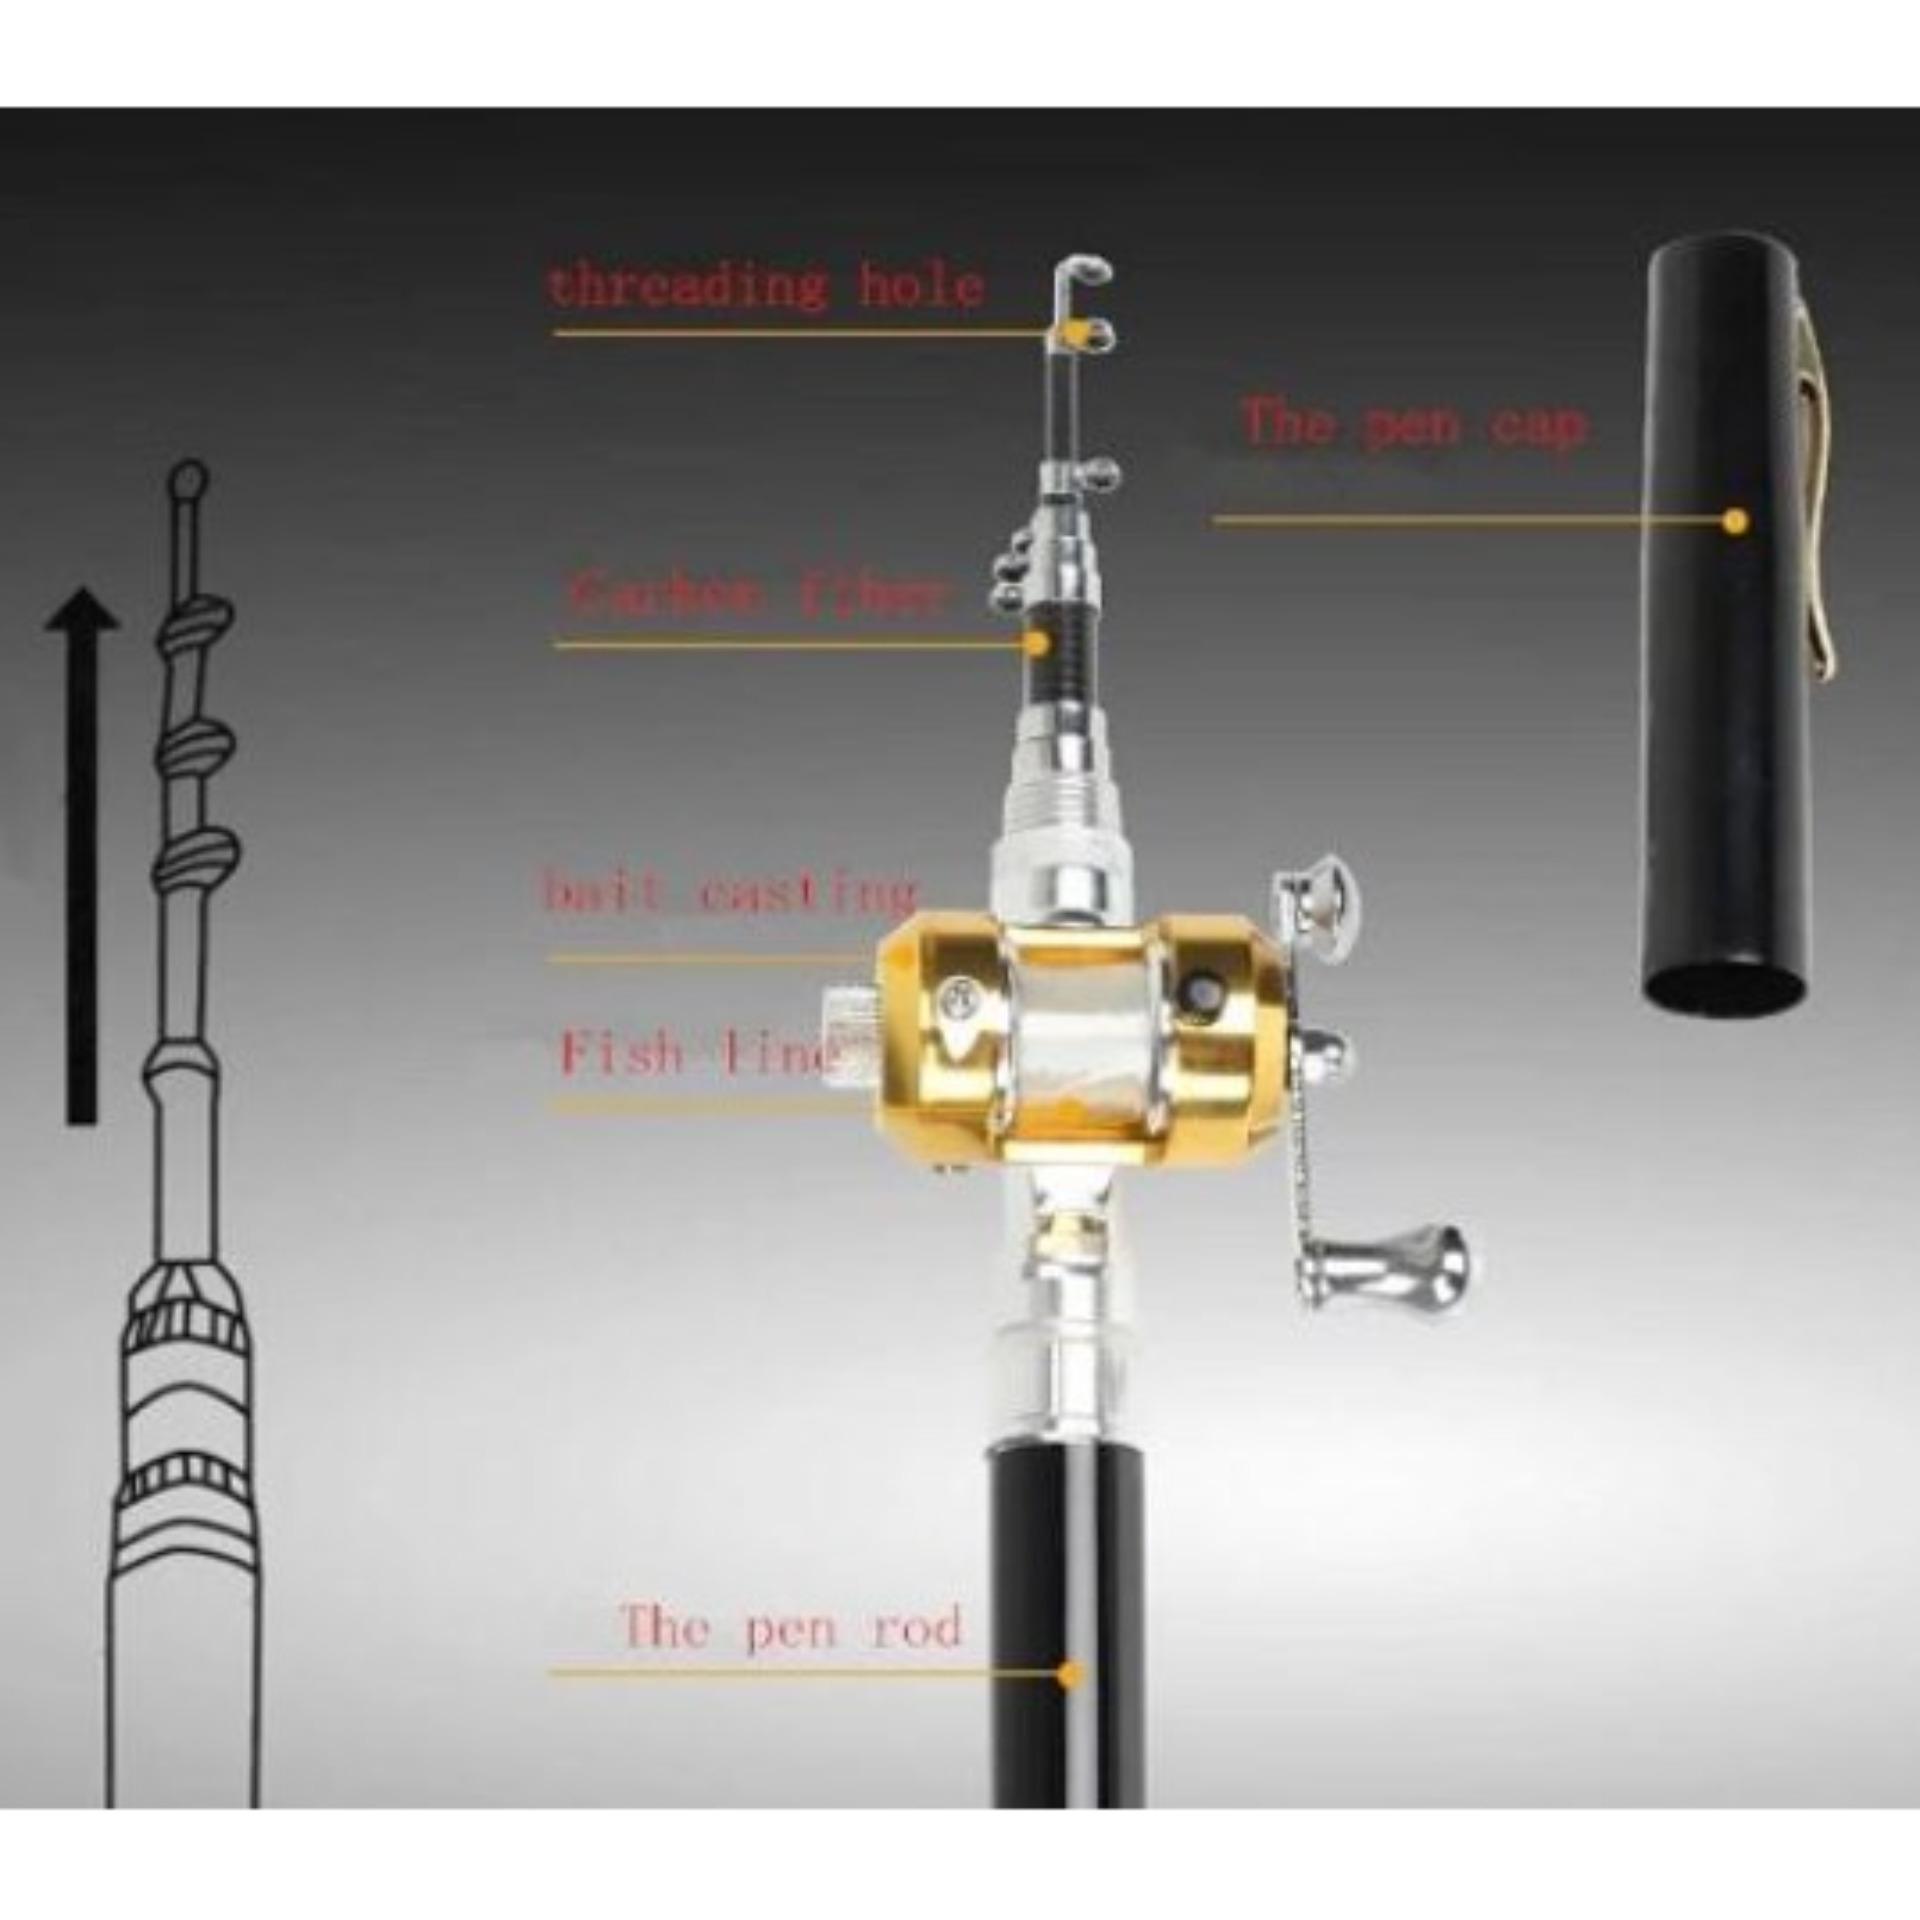 Terbaik Murah Mini Telescopic Portable Pocket Aluminum Alloy Pen Extreme Fishing Rod Length 1m Pancing Pena Polereel Black Fibre Glass Aluminium Joran